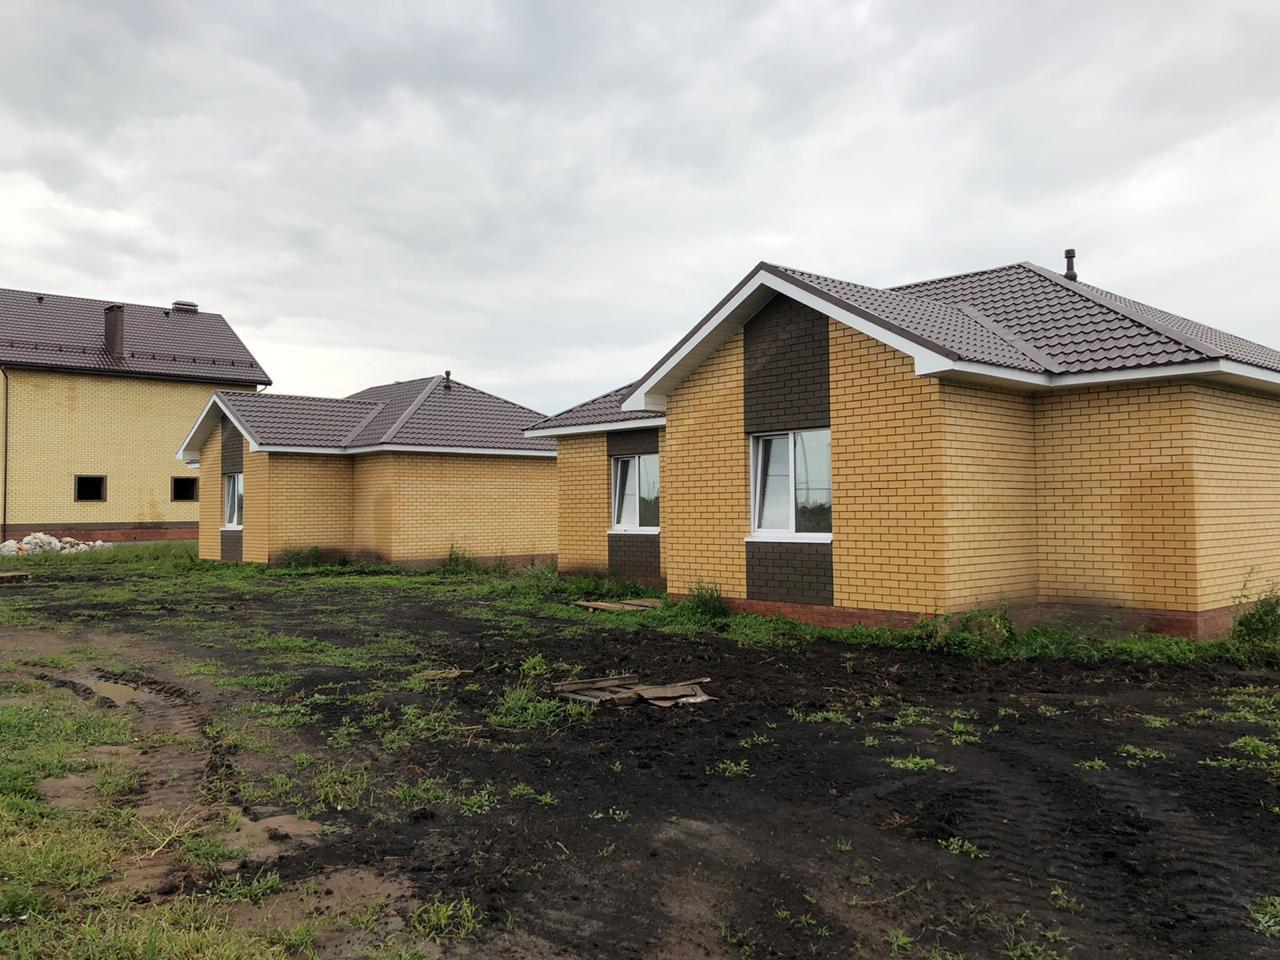 Продам дом по адресу Россия, Татарстан, Лаишевский район, Травкино, Дачная улица, 16 фото 0 по выгодной цене